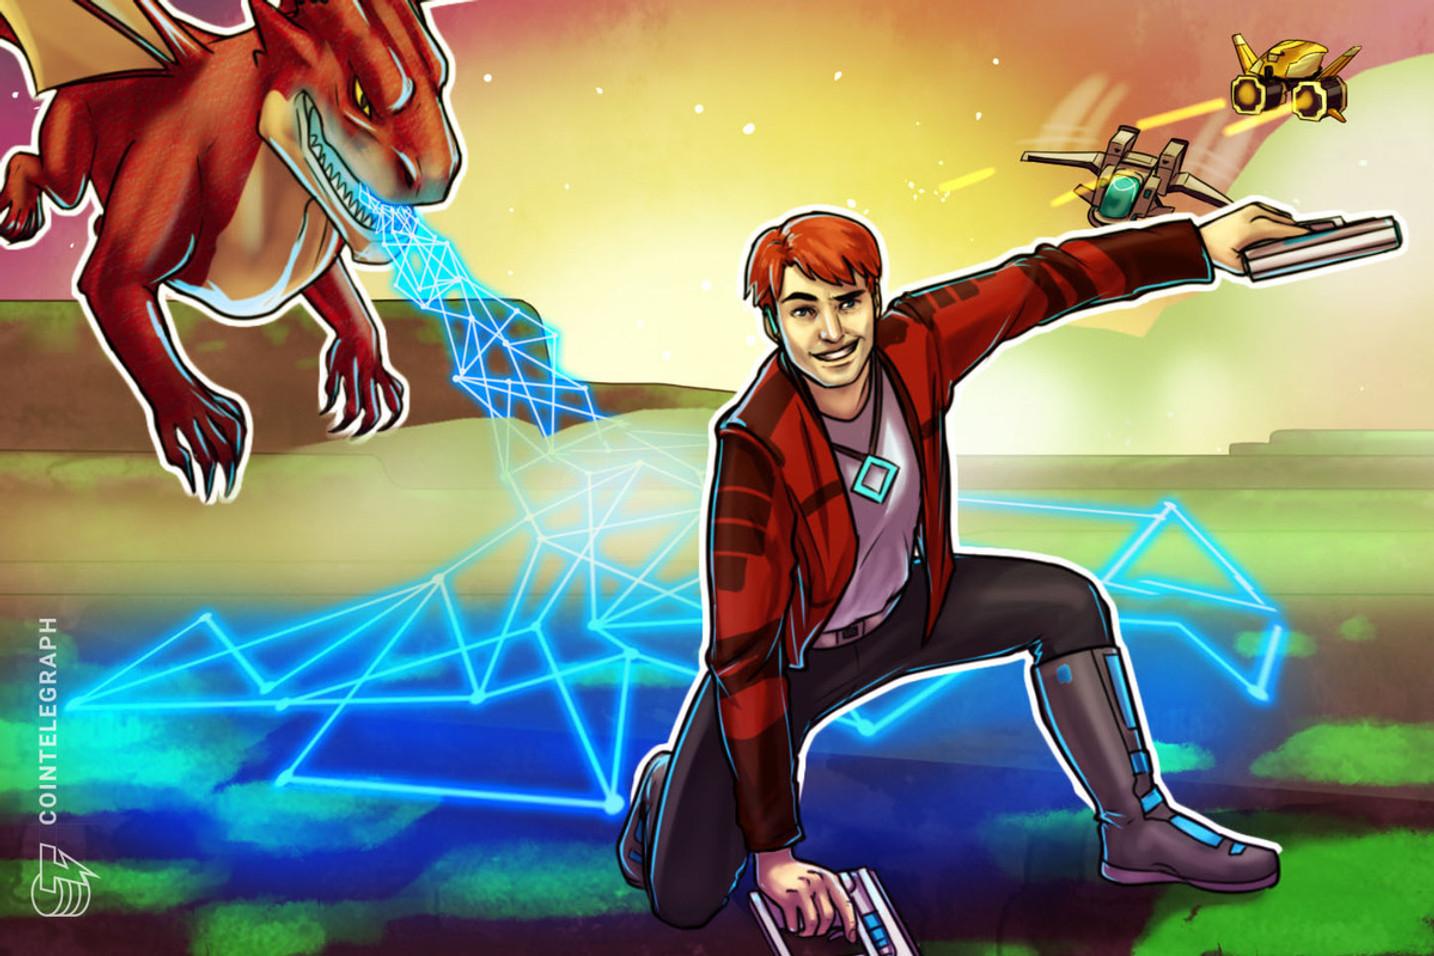 ブロックチェーンゲーム 「日本はトップマーケットの1つ」、コインチェックと連携のザ・サンドボックス共同創業者